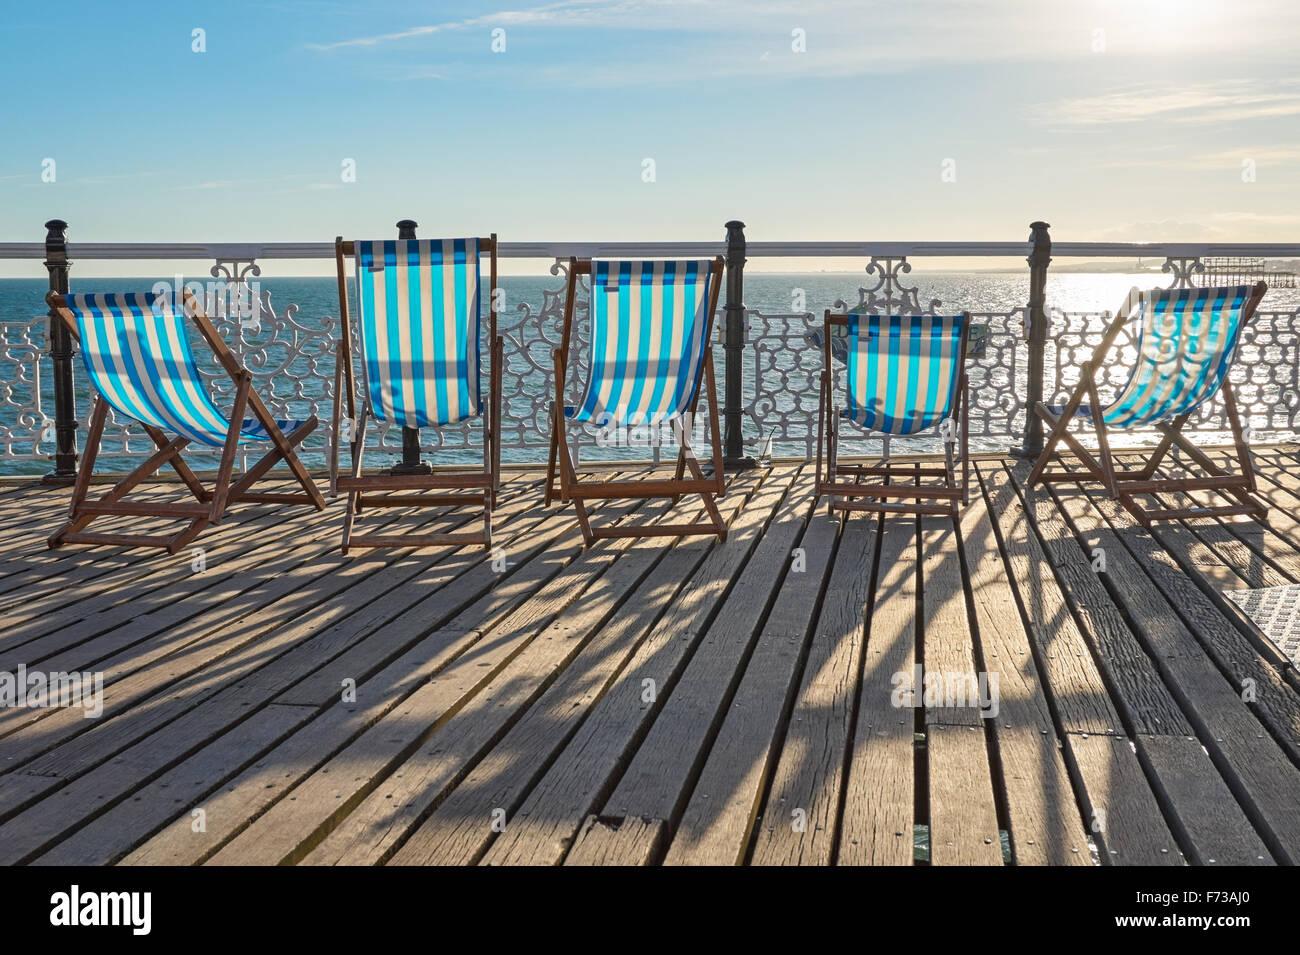 Tumbonas vacías en Brighton Pier, East Sussex, Inglaterra, Reino Unido Imagen De Stock